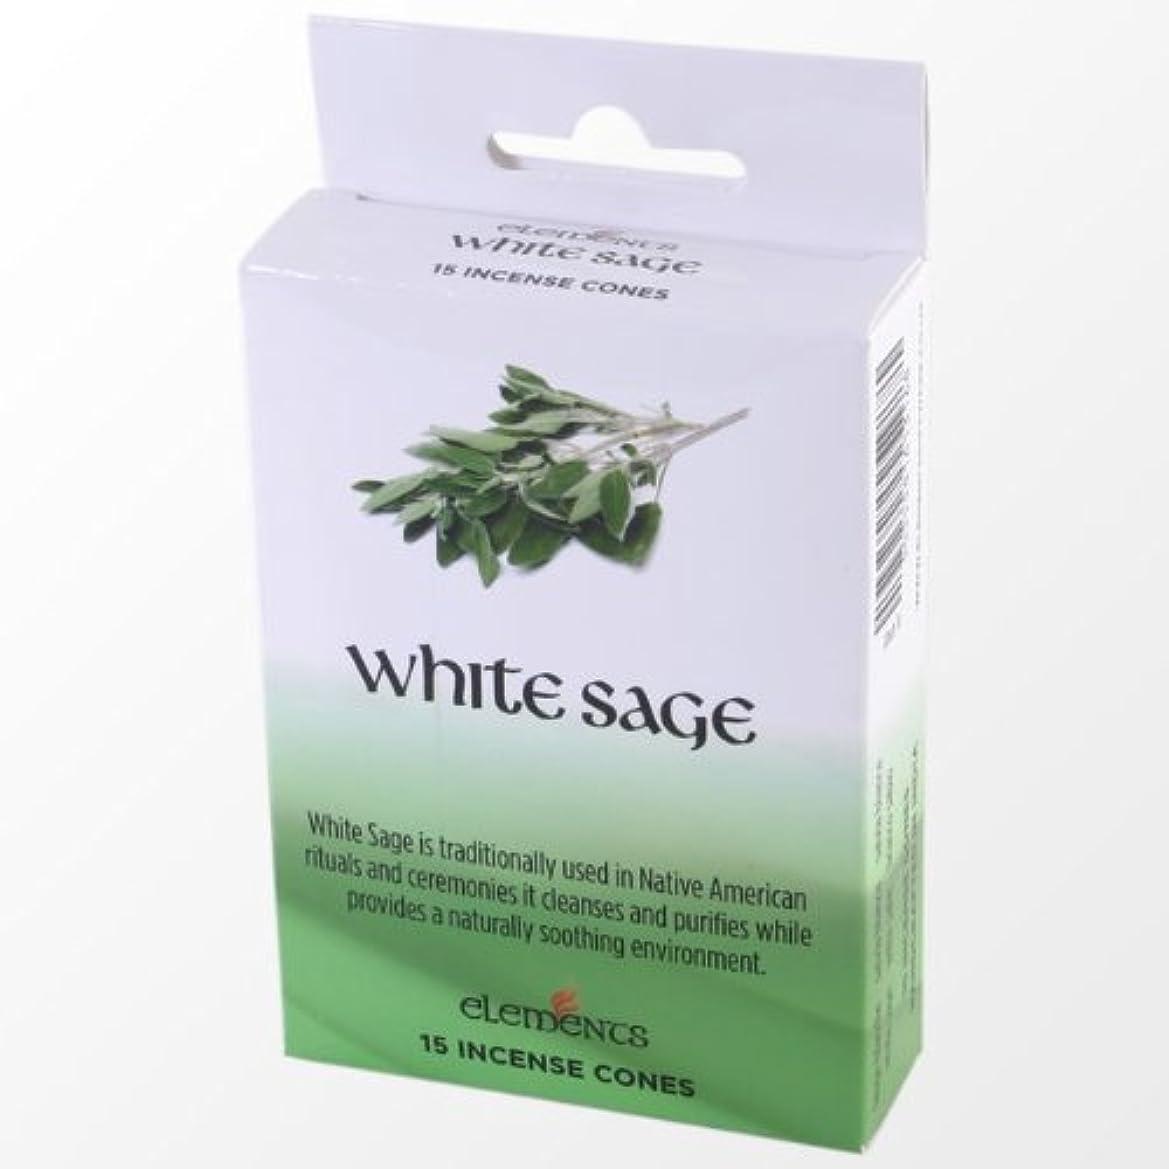 繁栄する水平発症12 Packs Of Elements White Sage Incense Cones